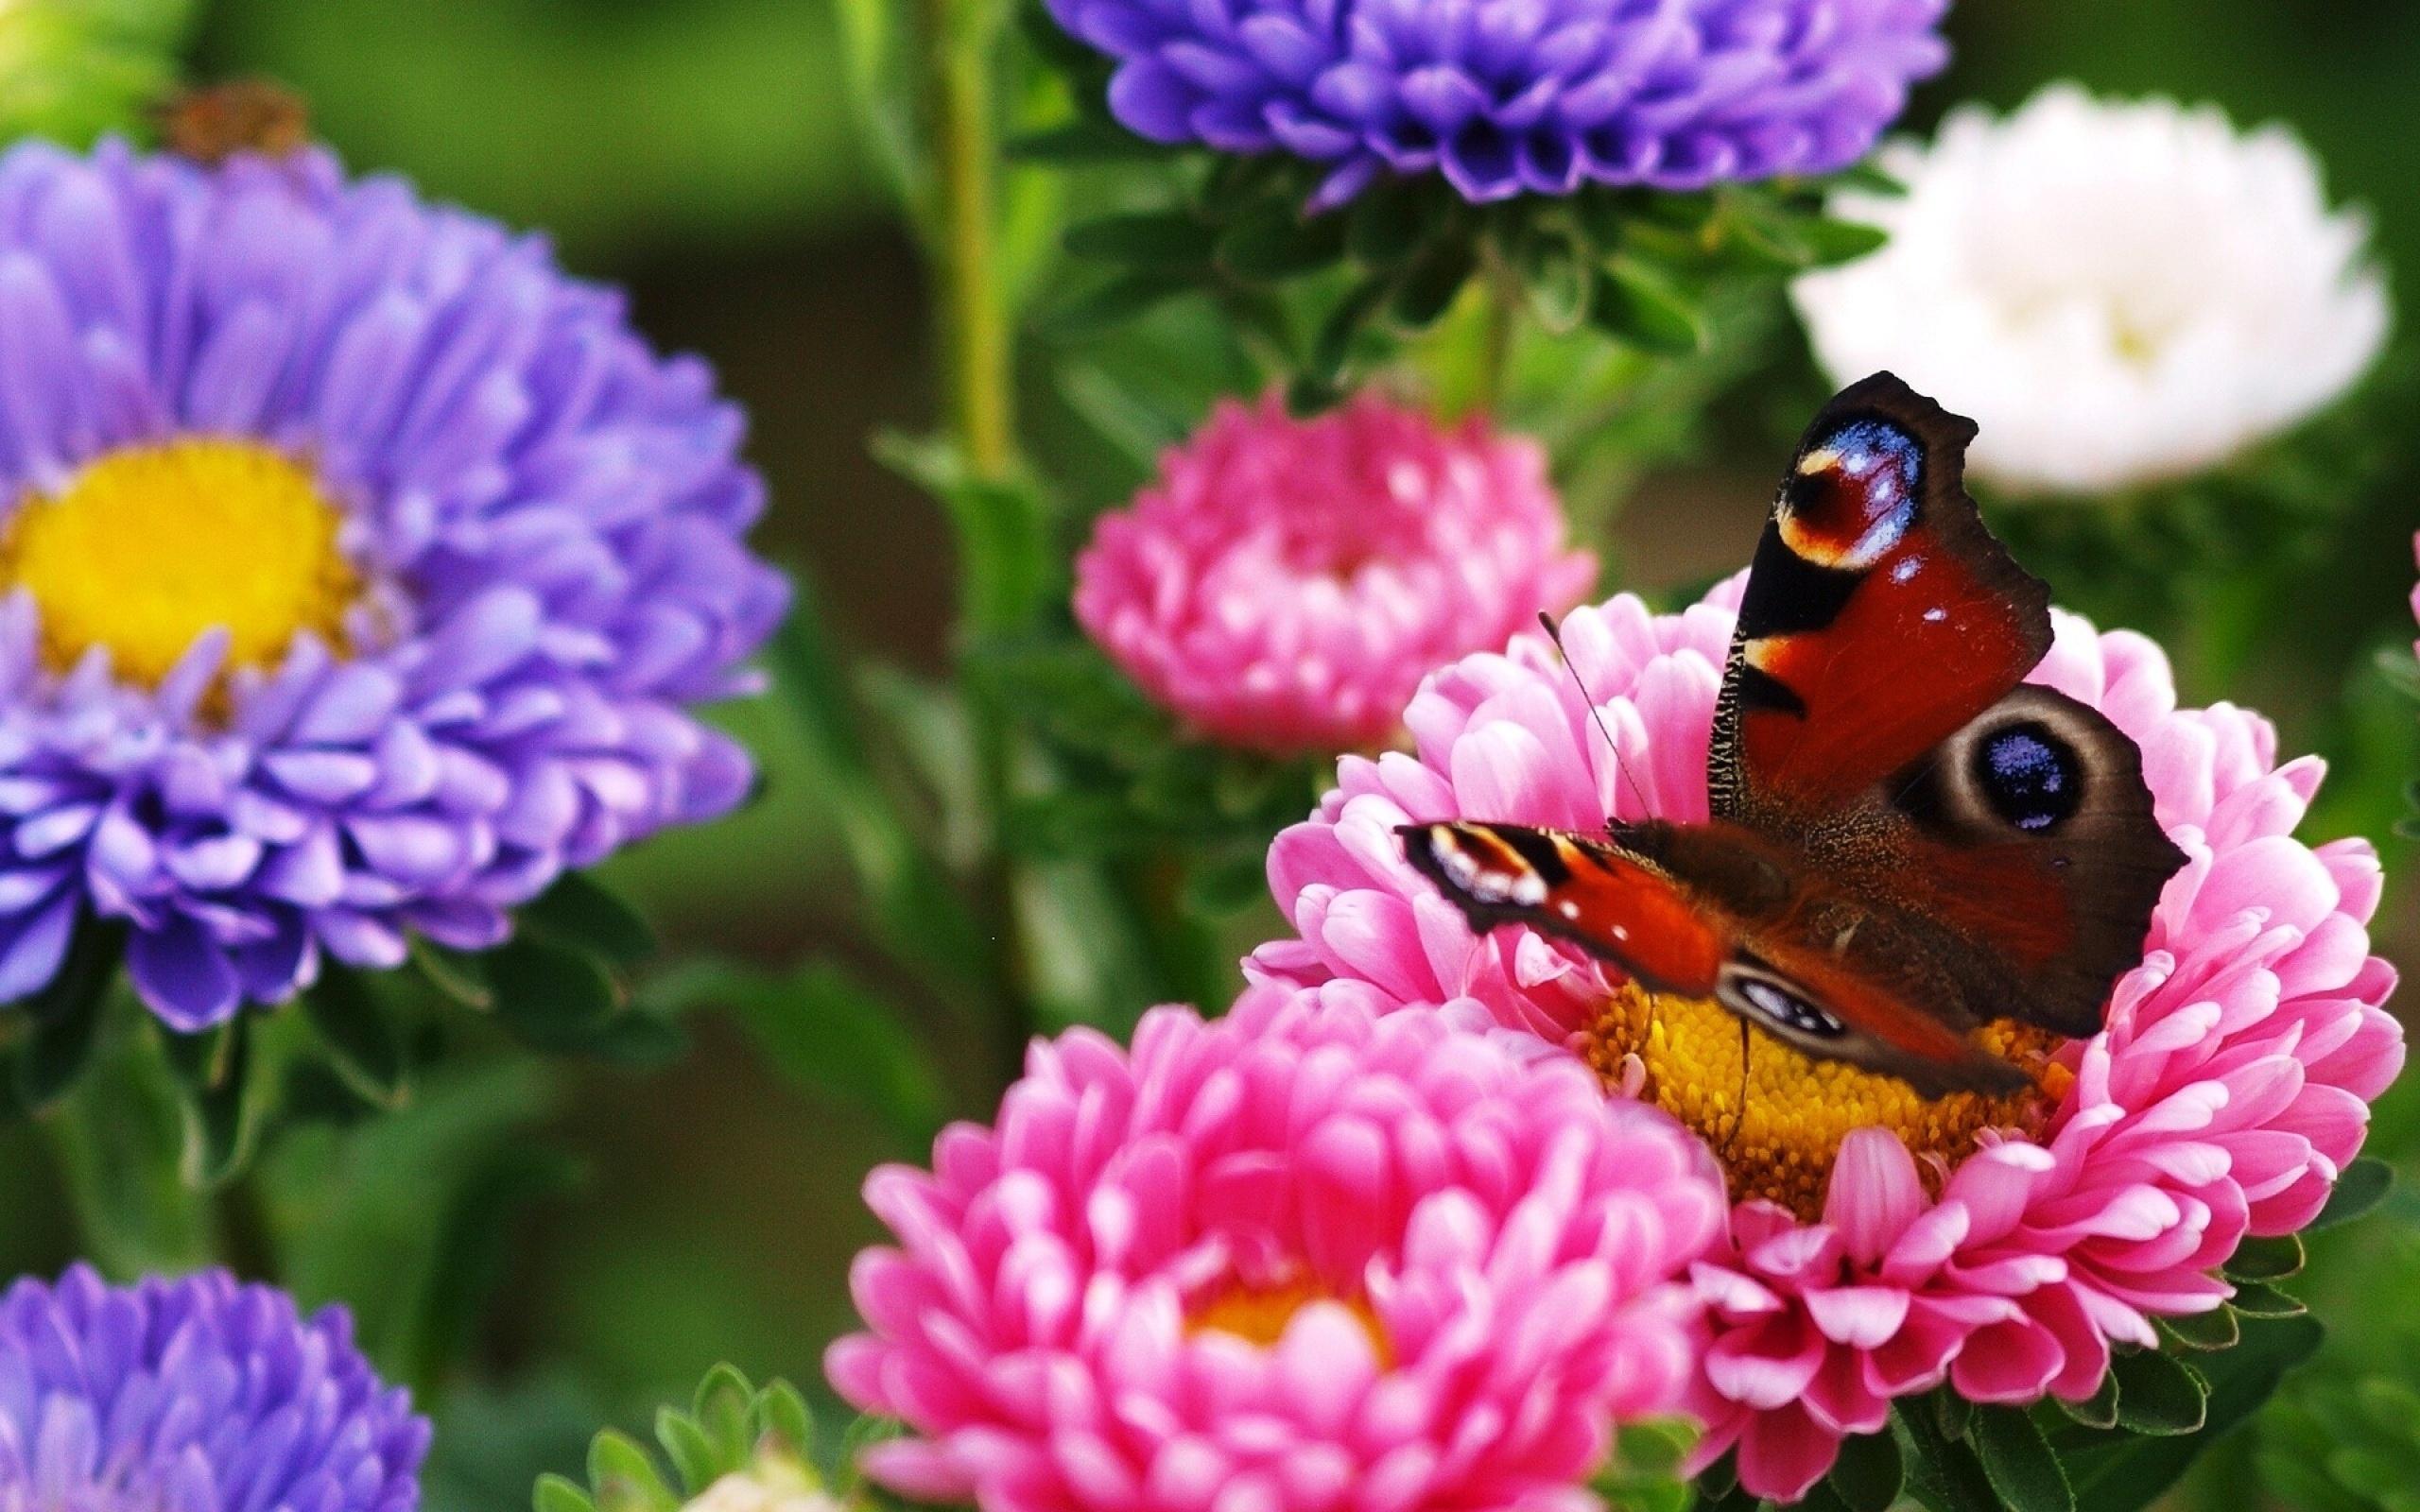 papillon dans des fleurs 10 000 fonds d 39 cran hd gratuits et de qualit wallpapers hd. Black Bedroom Furniture Sets. Home Design Ideas